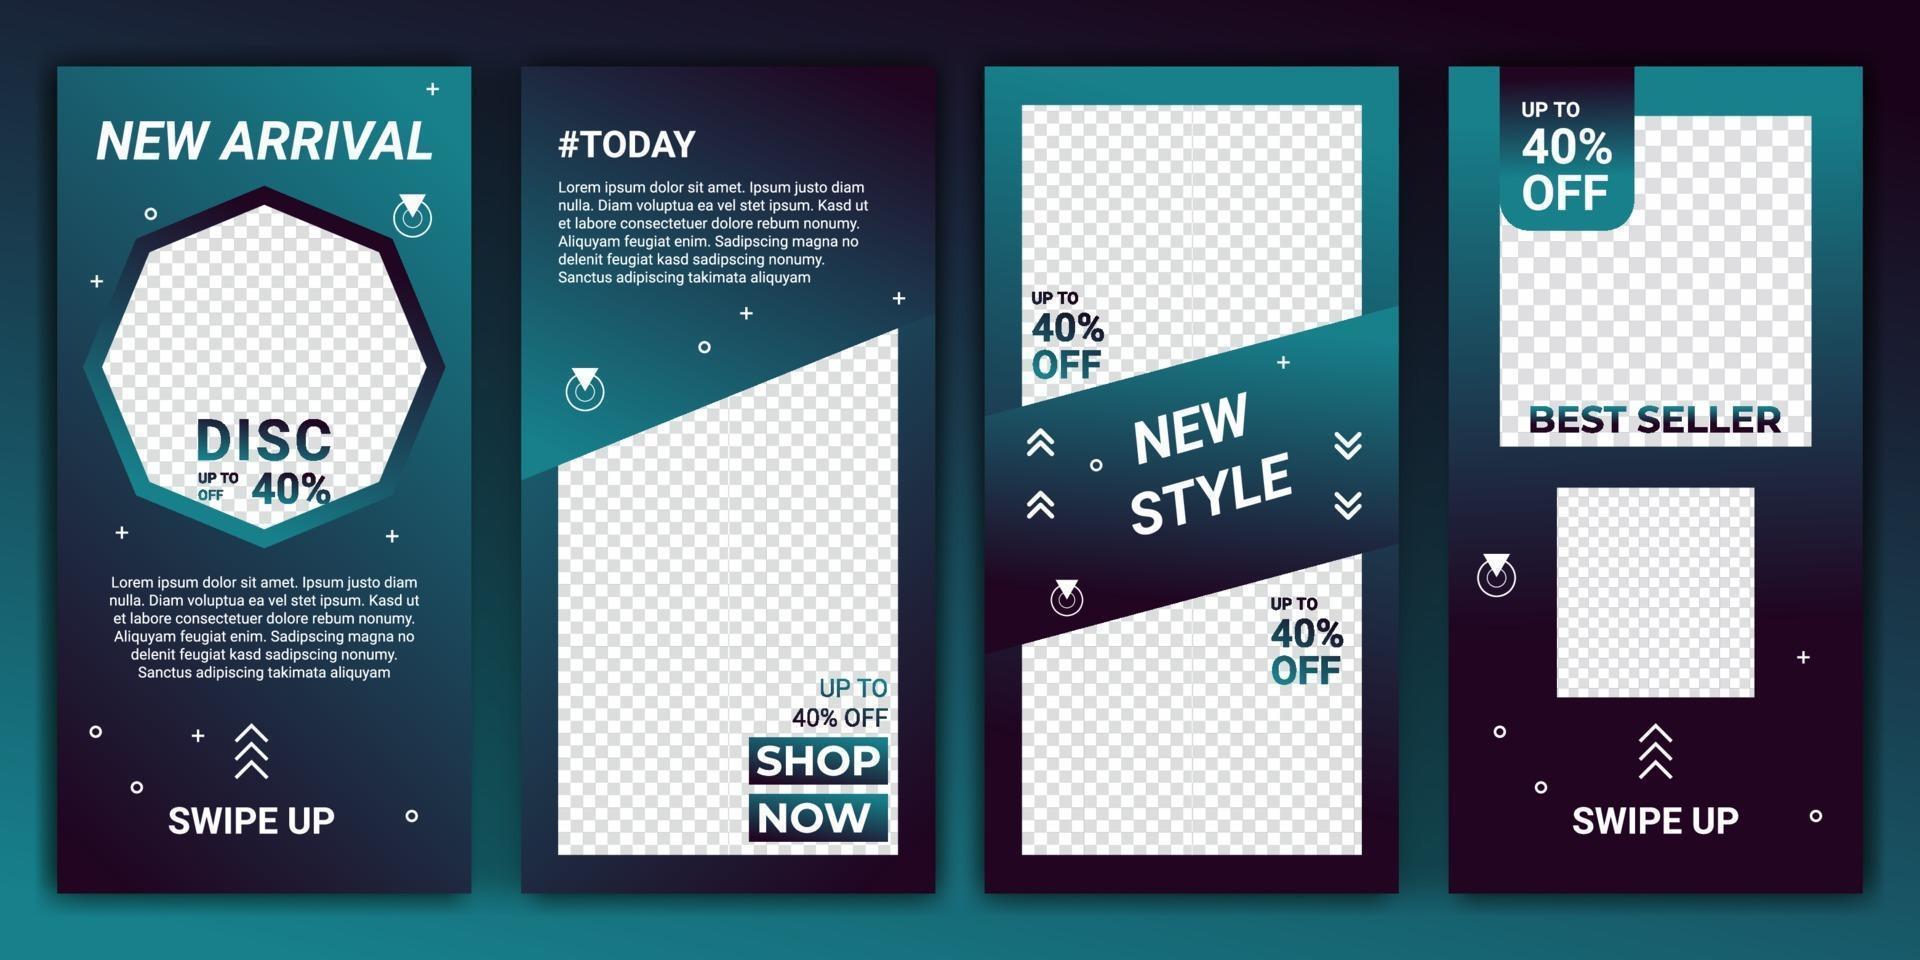 uppsättning sociala medier nätverk berättelser försäljning banner bakgrund med kreativ tonad färgad. redigerbar mall design för ig berättelse, ig ram, affisch, kupong, presentkort. vektor illustration